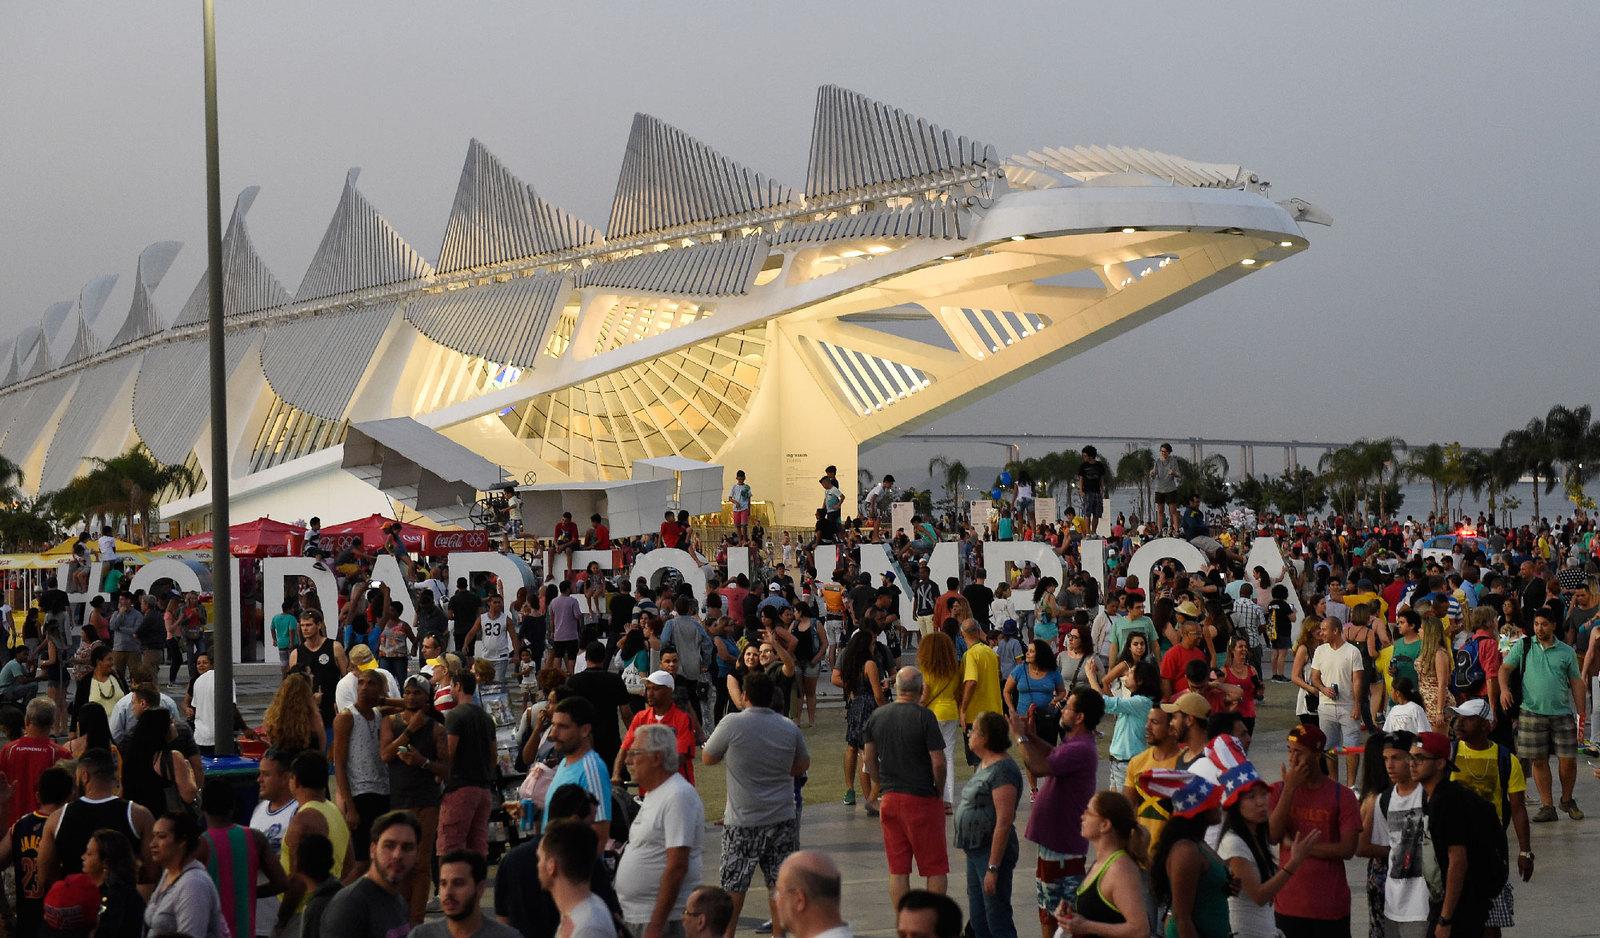 Для гостей и жителей олимпийской столицы повсюду оборудованы фан-зоны с больщими экранами